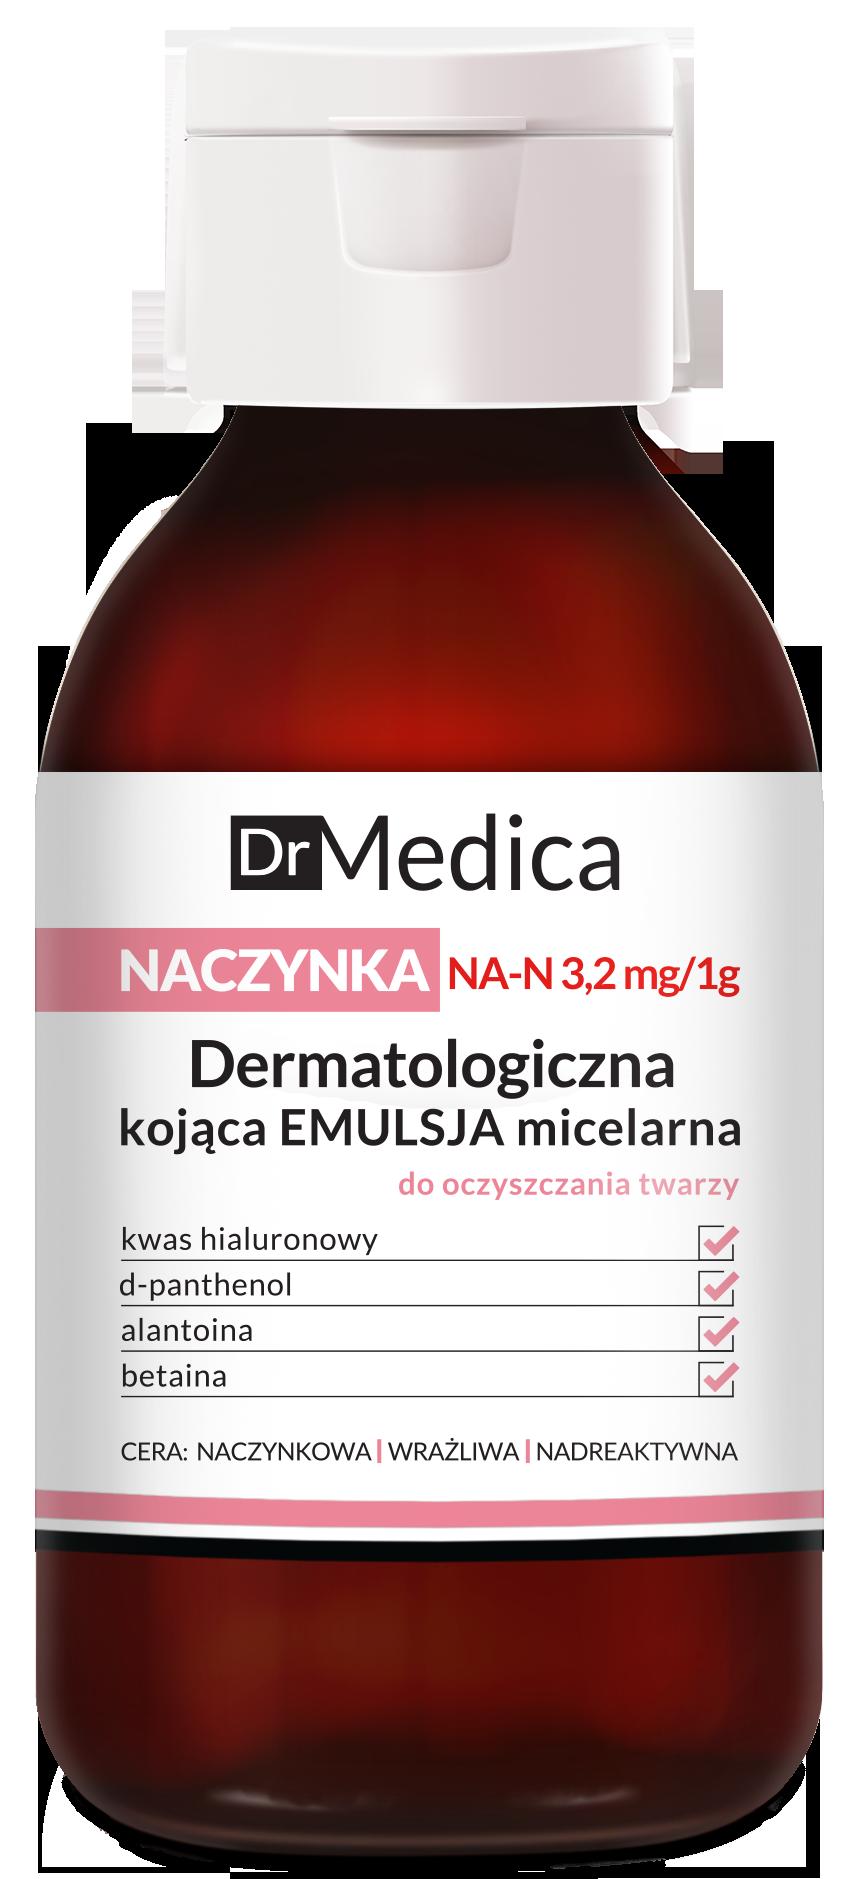 DR MEDICA CAPILLARY SKIN Дерматологическая эмульсия, уменьшающая покраснения, гипоаллергенная, 250 мл